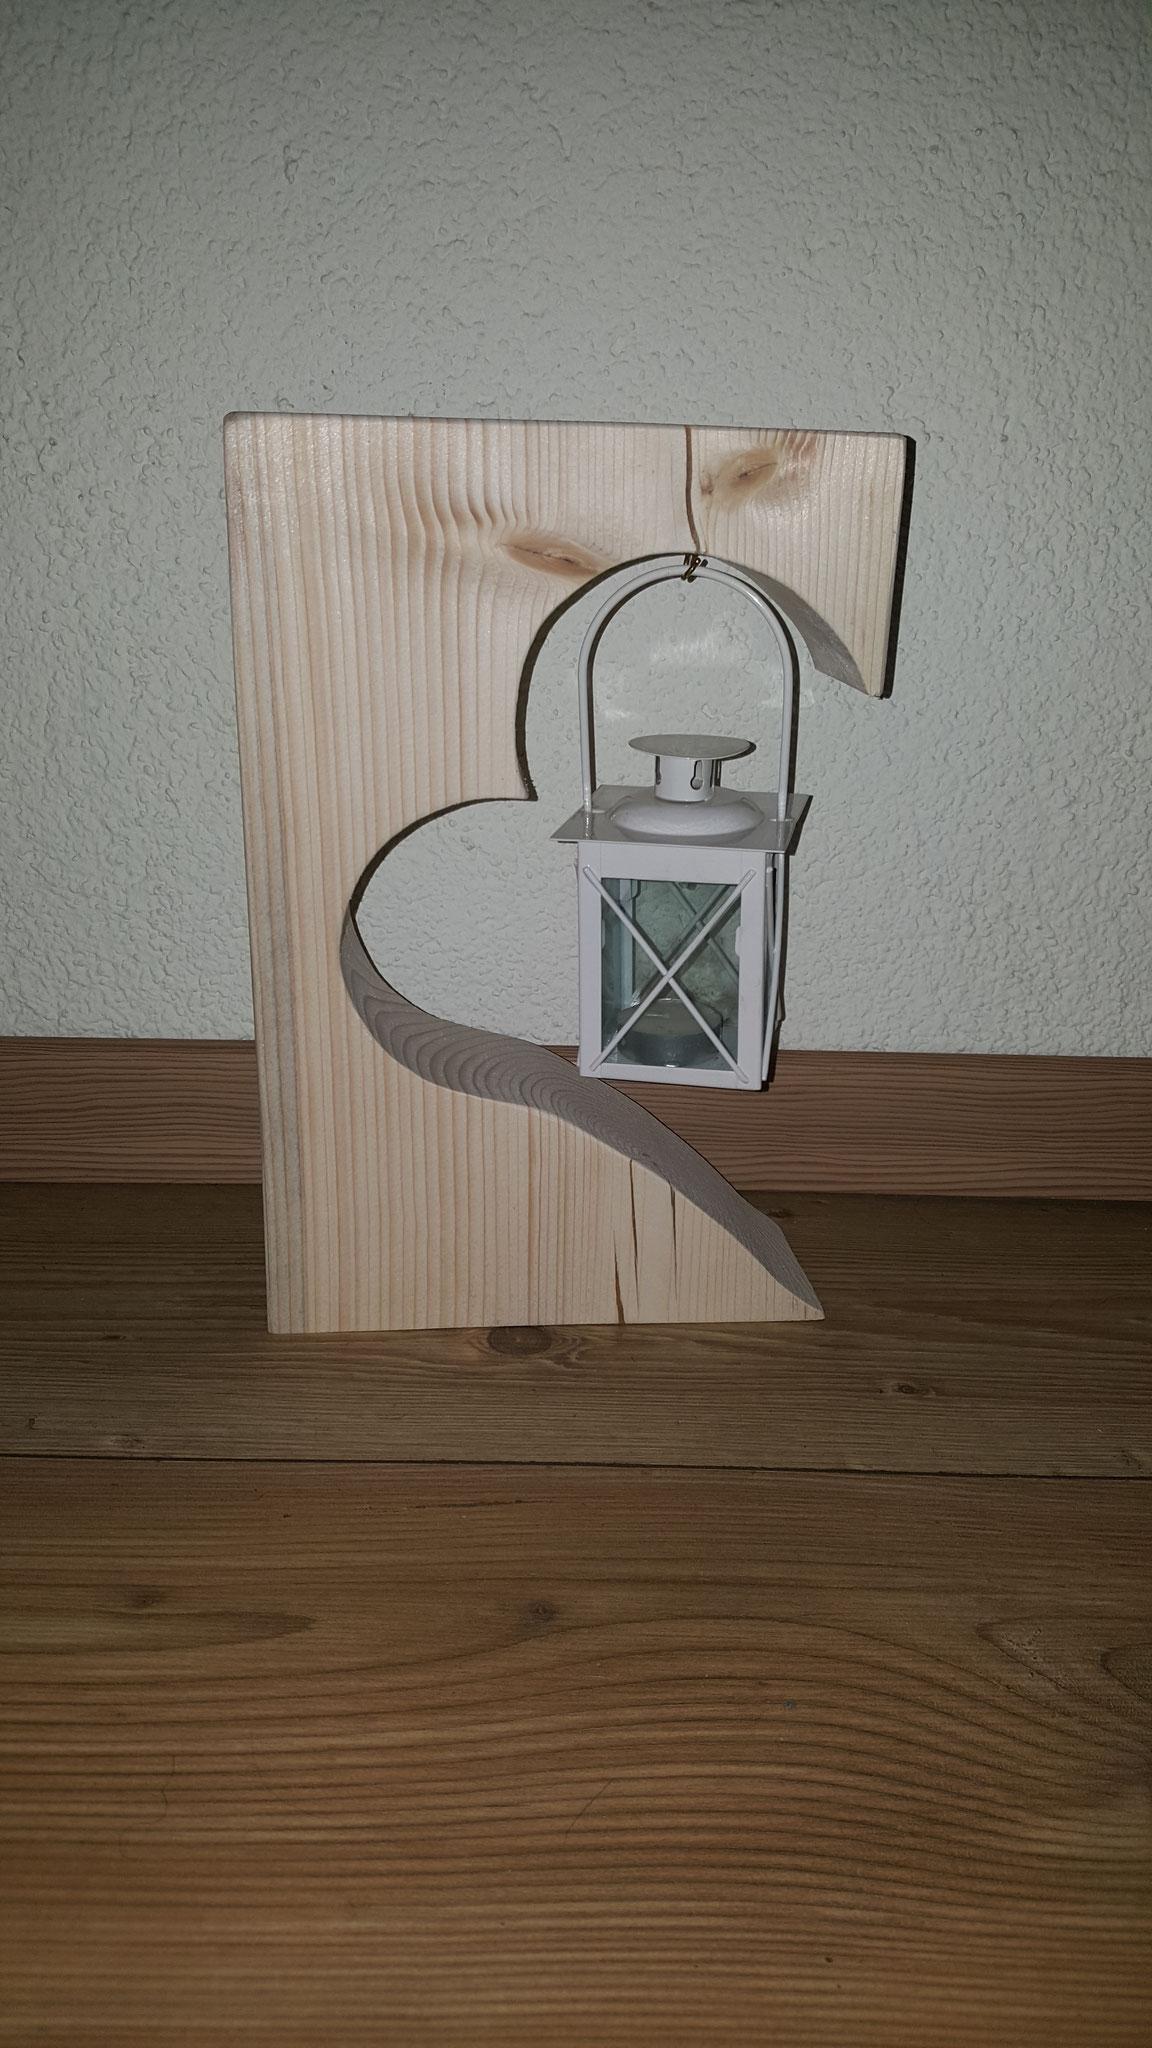 Fensterdeko/Deko mit Telichthalter/Laterne